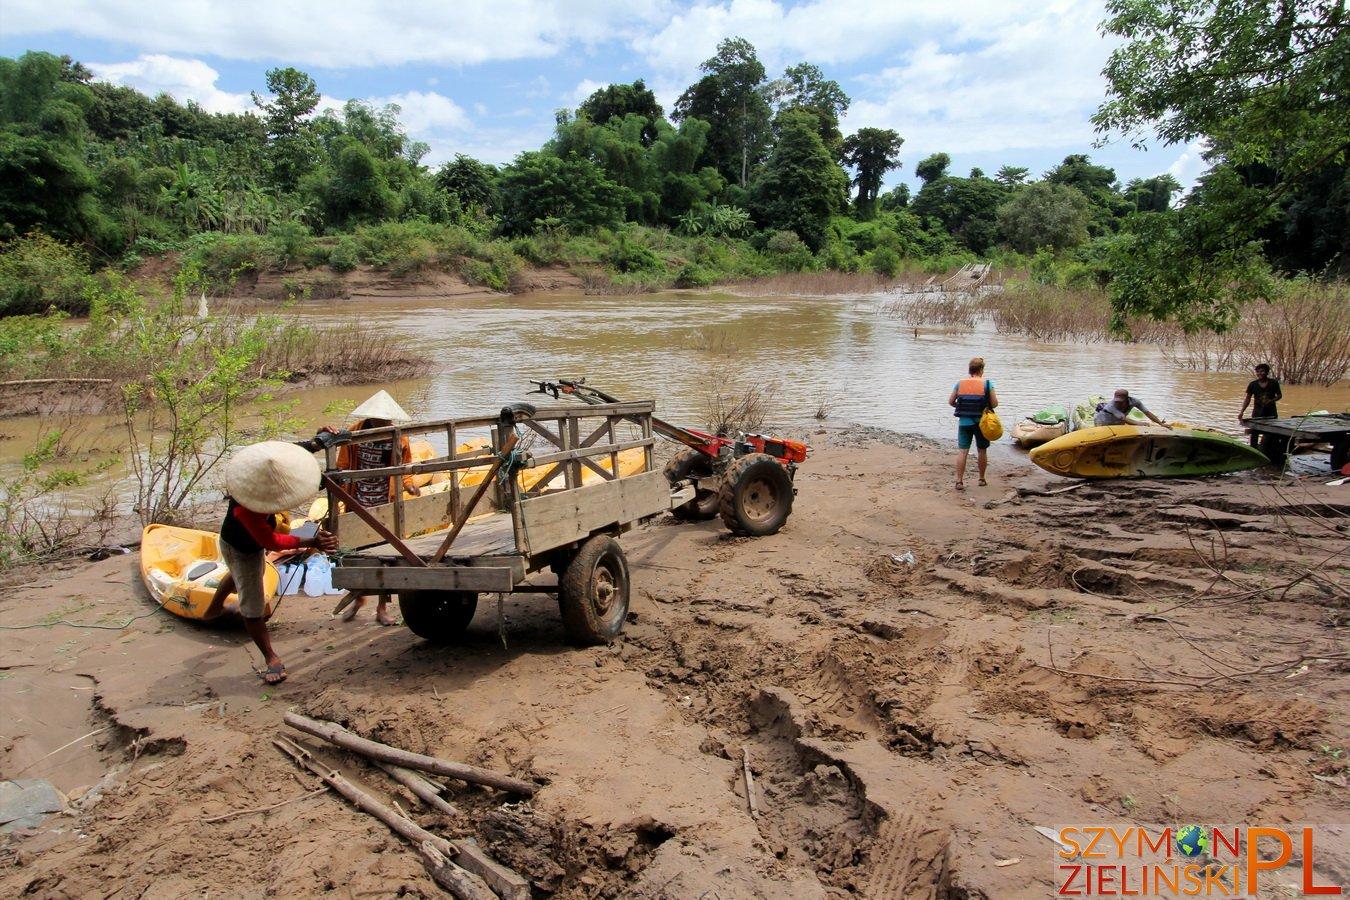 Si Phan Don (Four Thousand Islands), Laos - Don Det